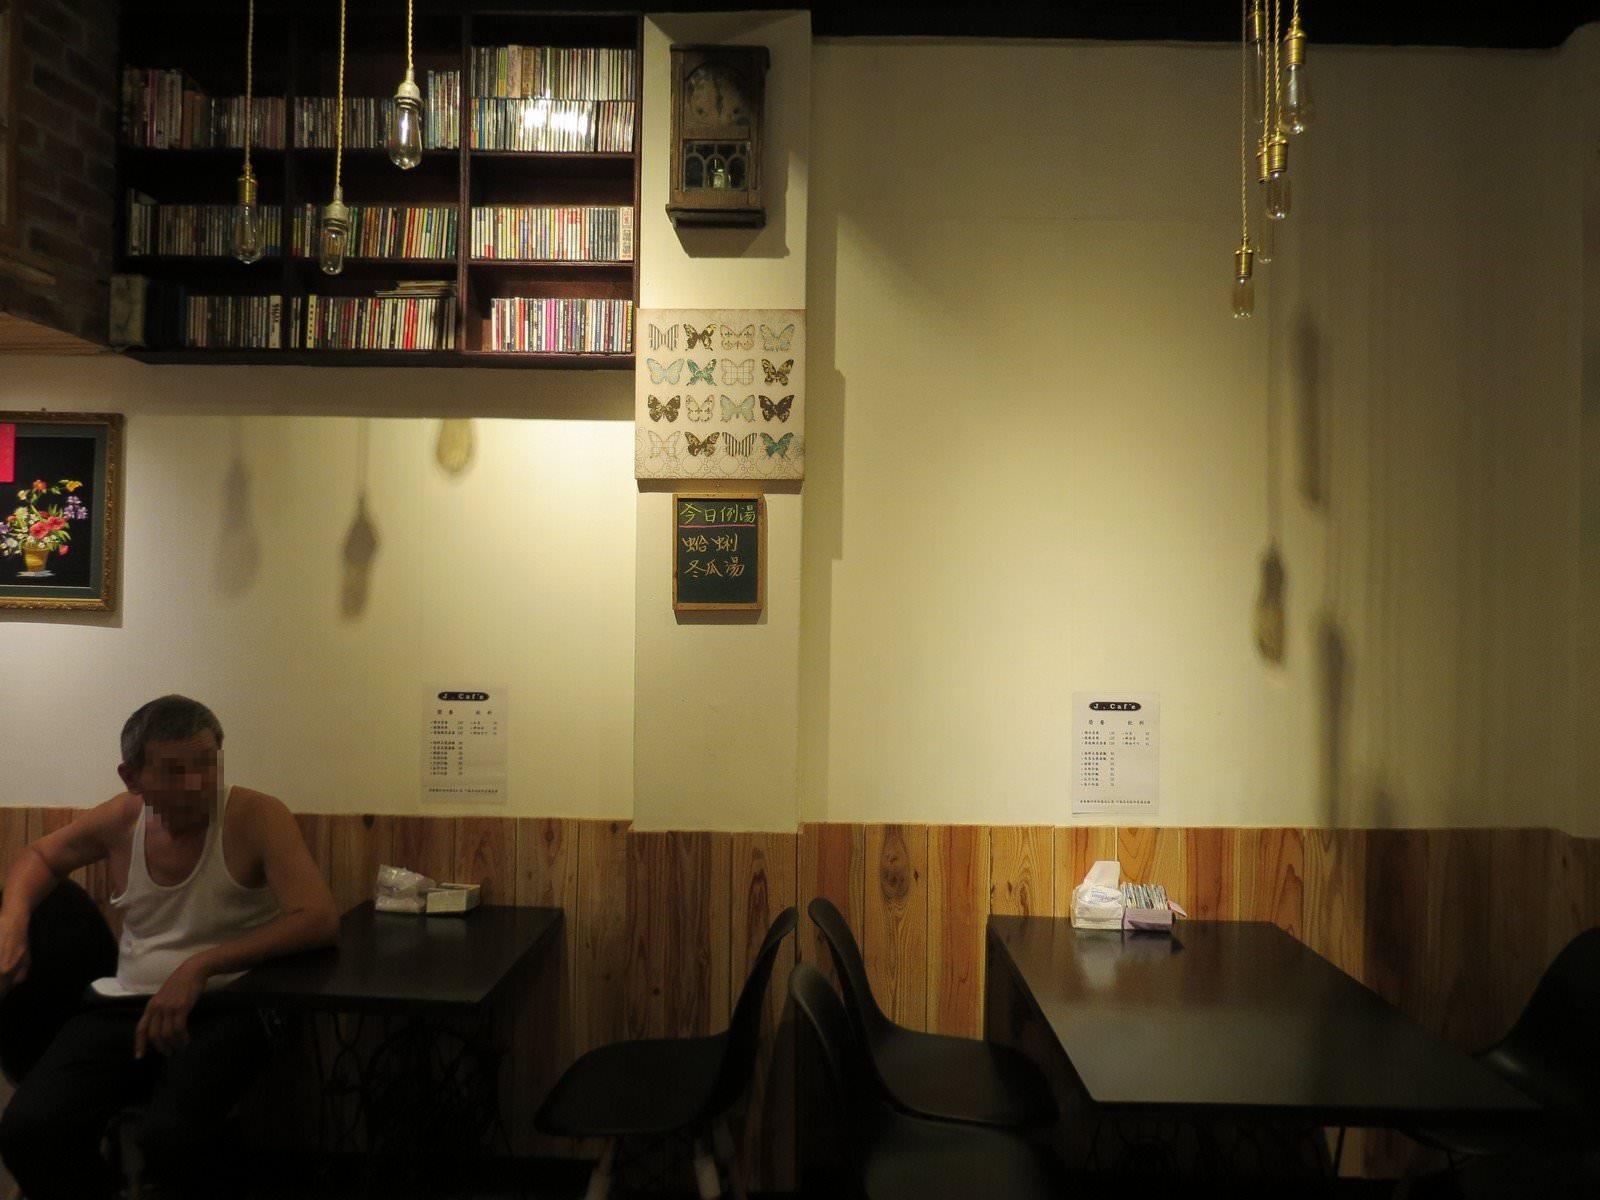 J. Caf'e, 餐點, 裝潢布置